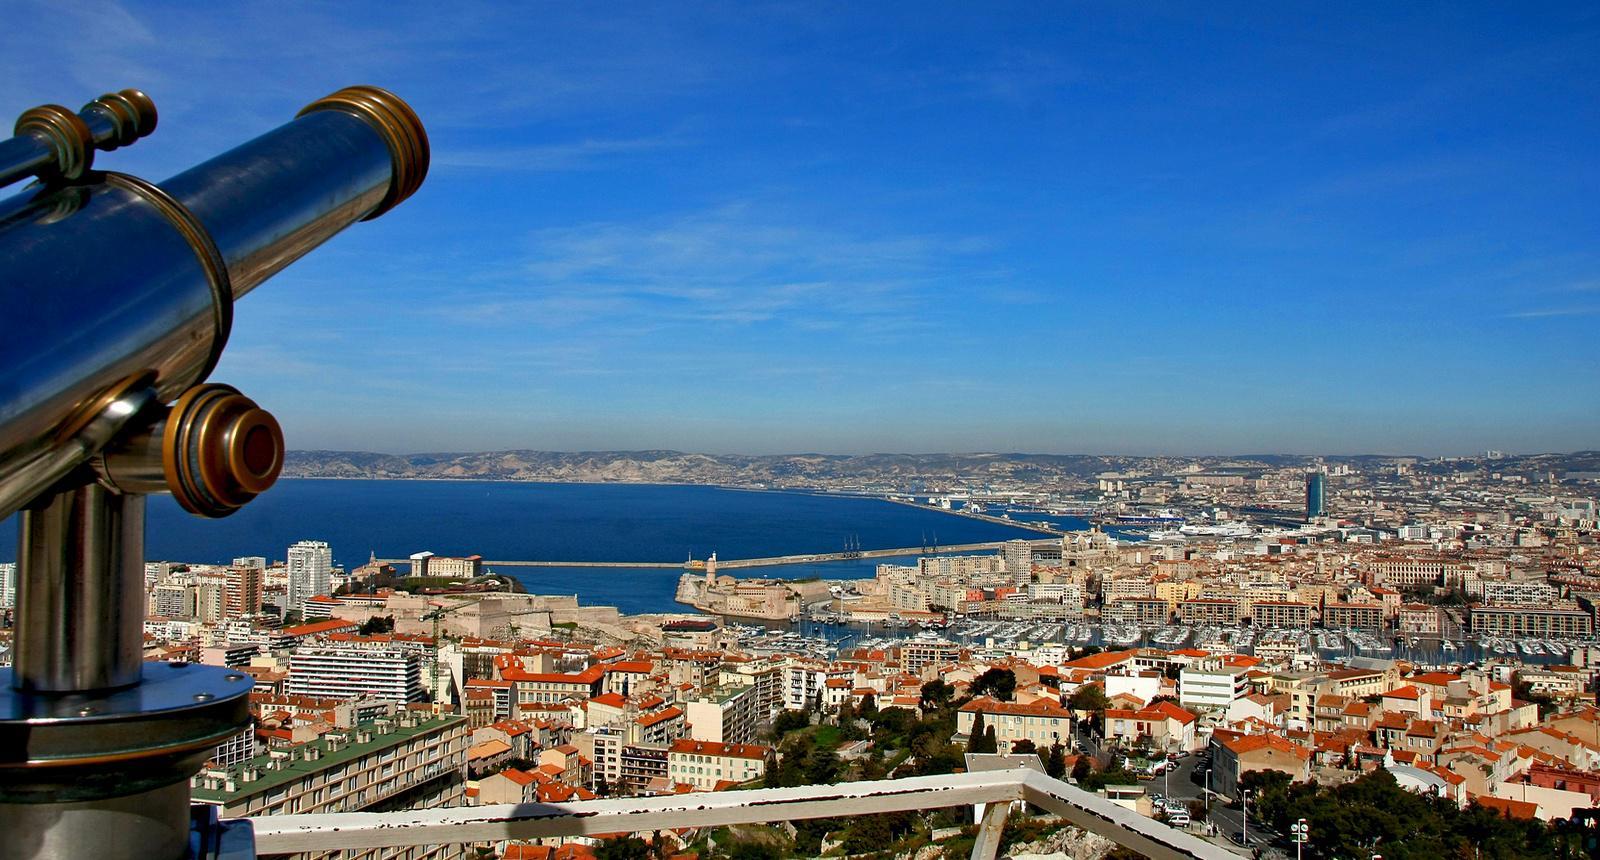 La baie de Marseille